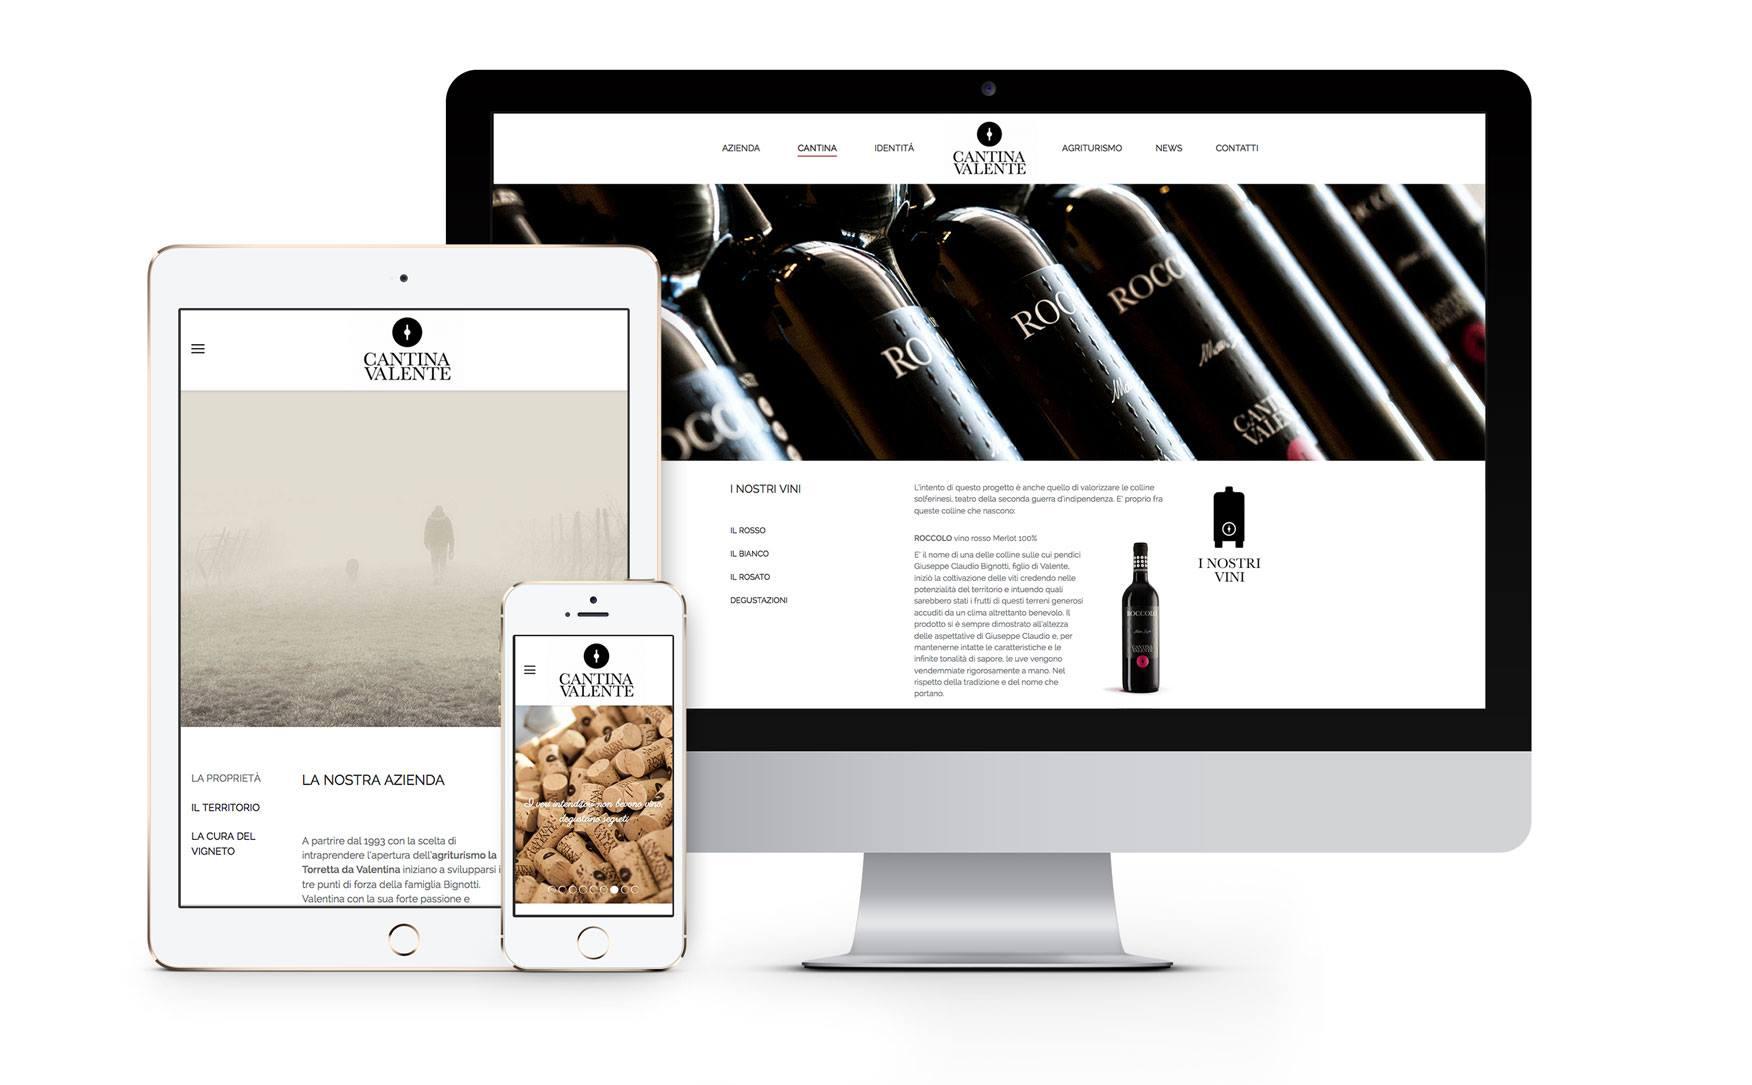 progettazione siti web responsive